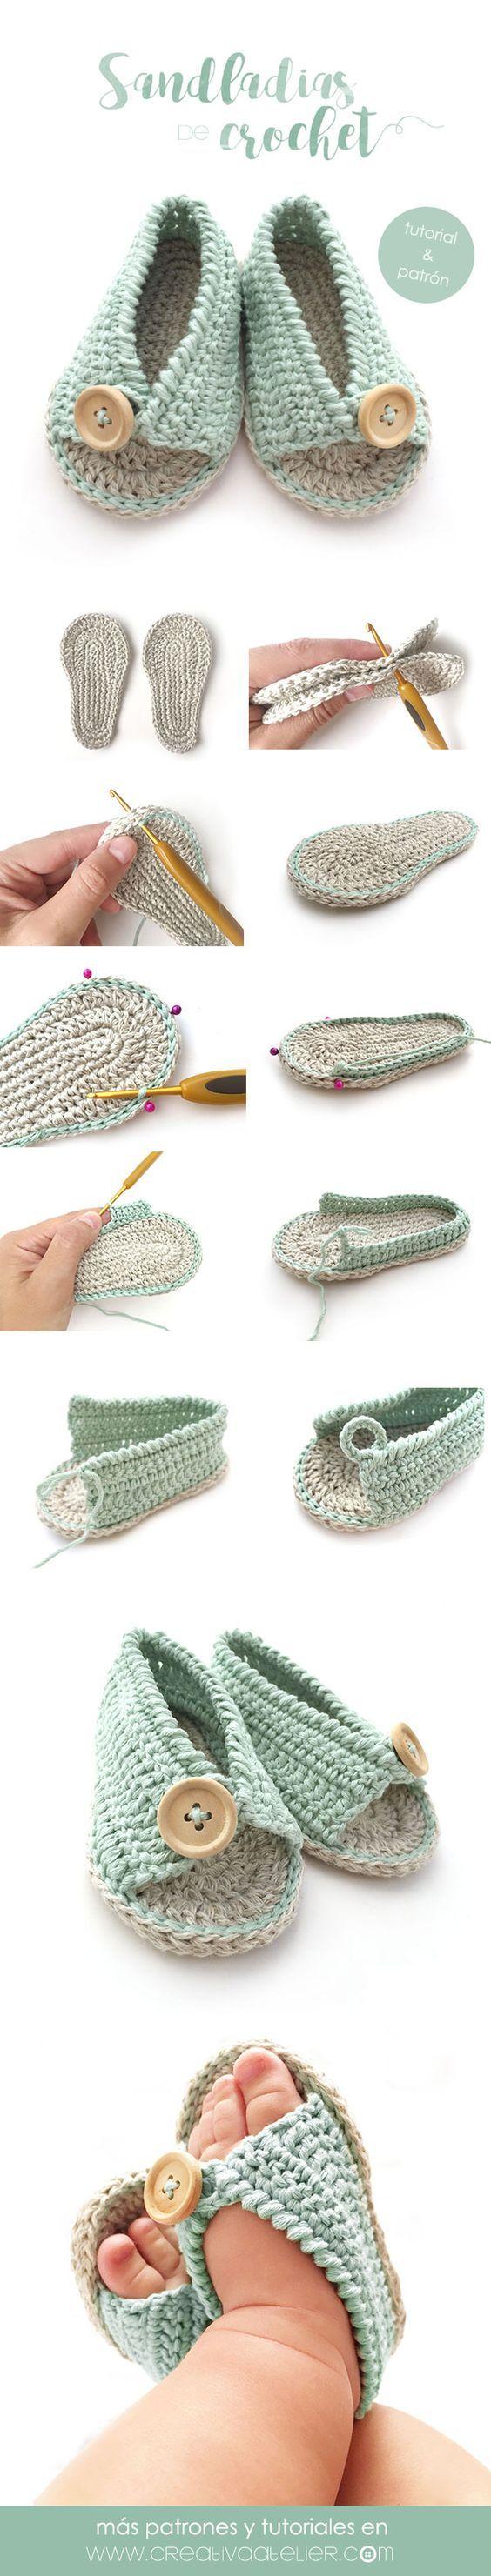 47 best baby crochet images on Pinterest